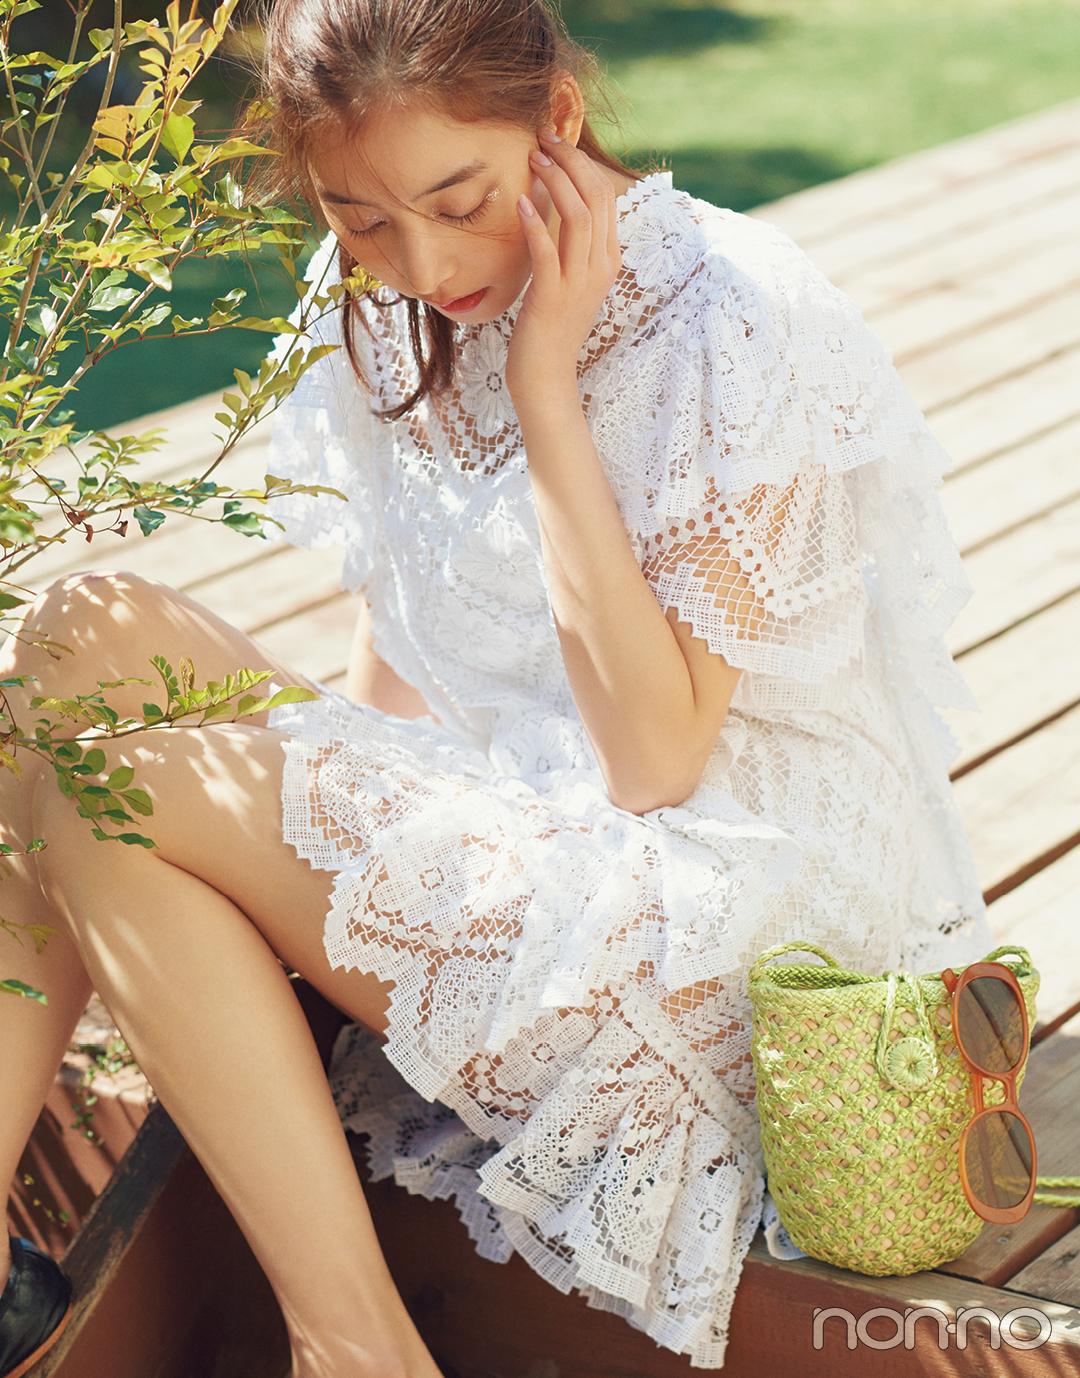 新木優子主演「夏が始まるワンピース」【vol.3】_1_2